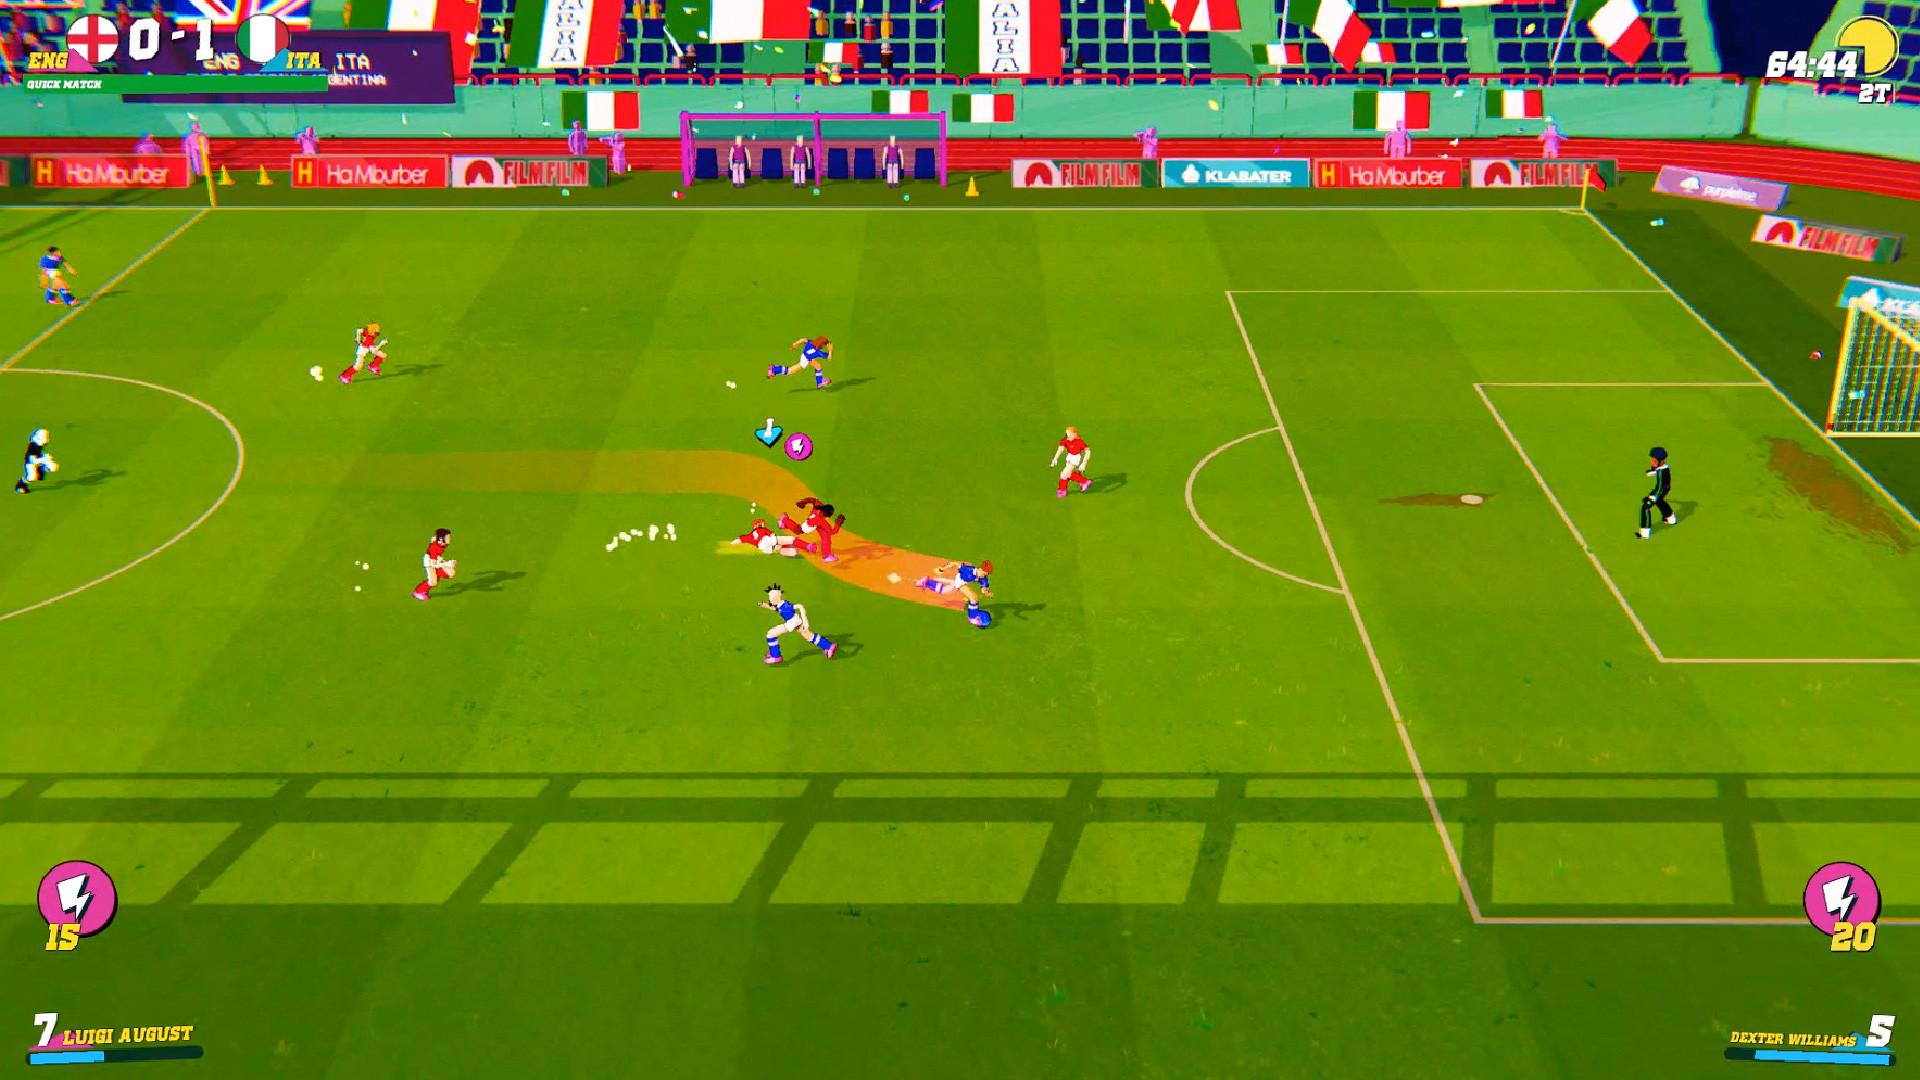 Golazo ! Soccer League - Purple Tree S R L - Purple Tree S R L - Blacknut Cloud Gaming